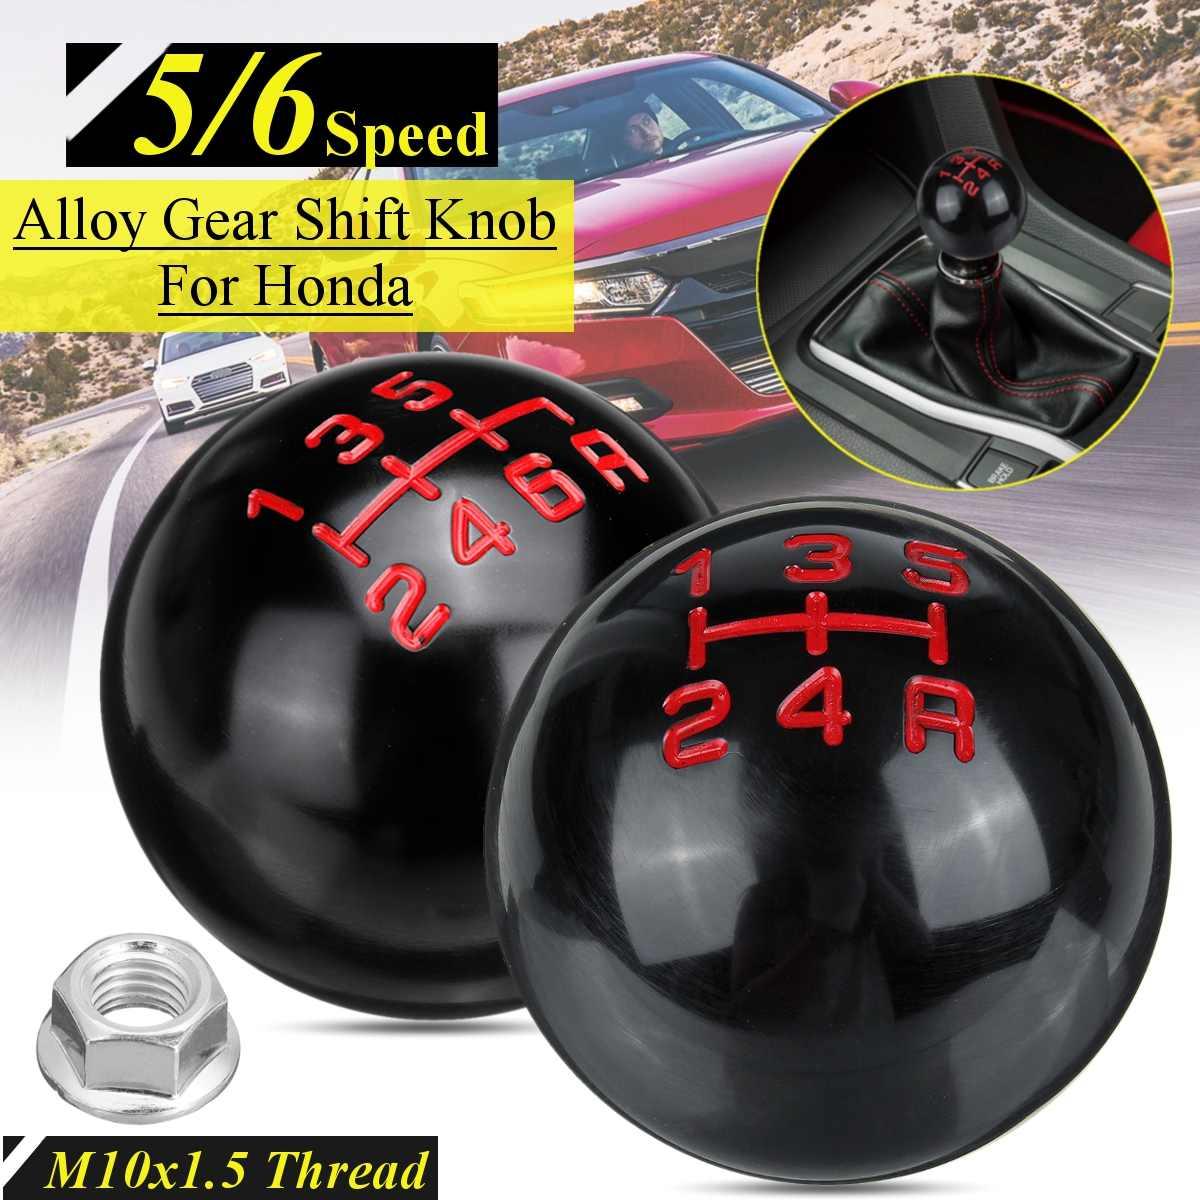 Gear Shift Knob,6 Speed Aluminum Alloy Manual Shift Knob Shifter Gear Stick Shift Lever Head for Honda Series M10x1.5 Thread